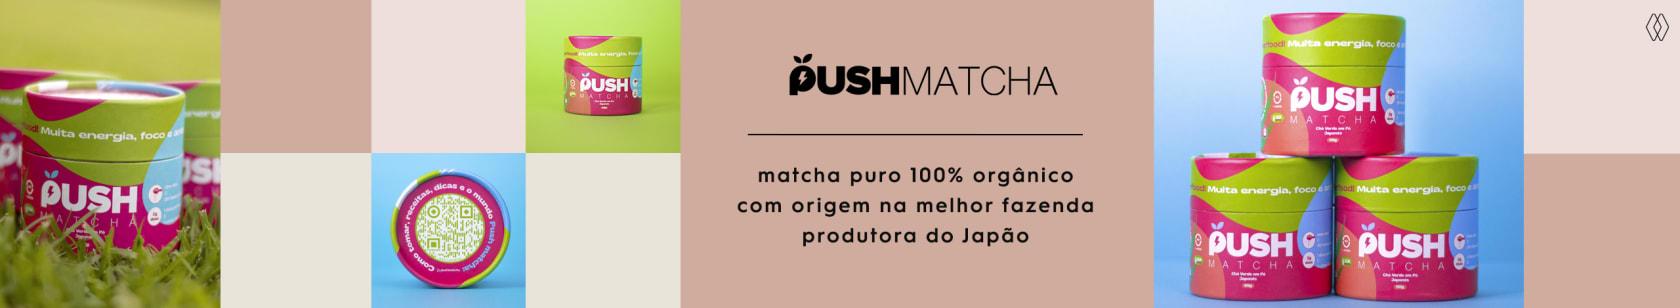 PUSH MATCHA | AMARO